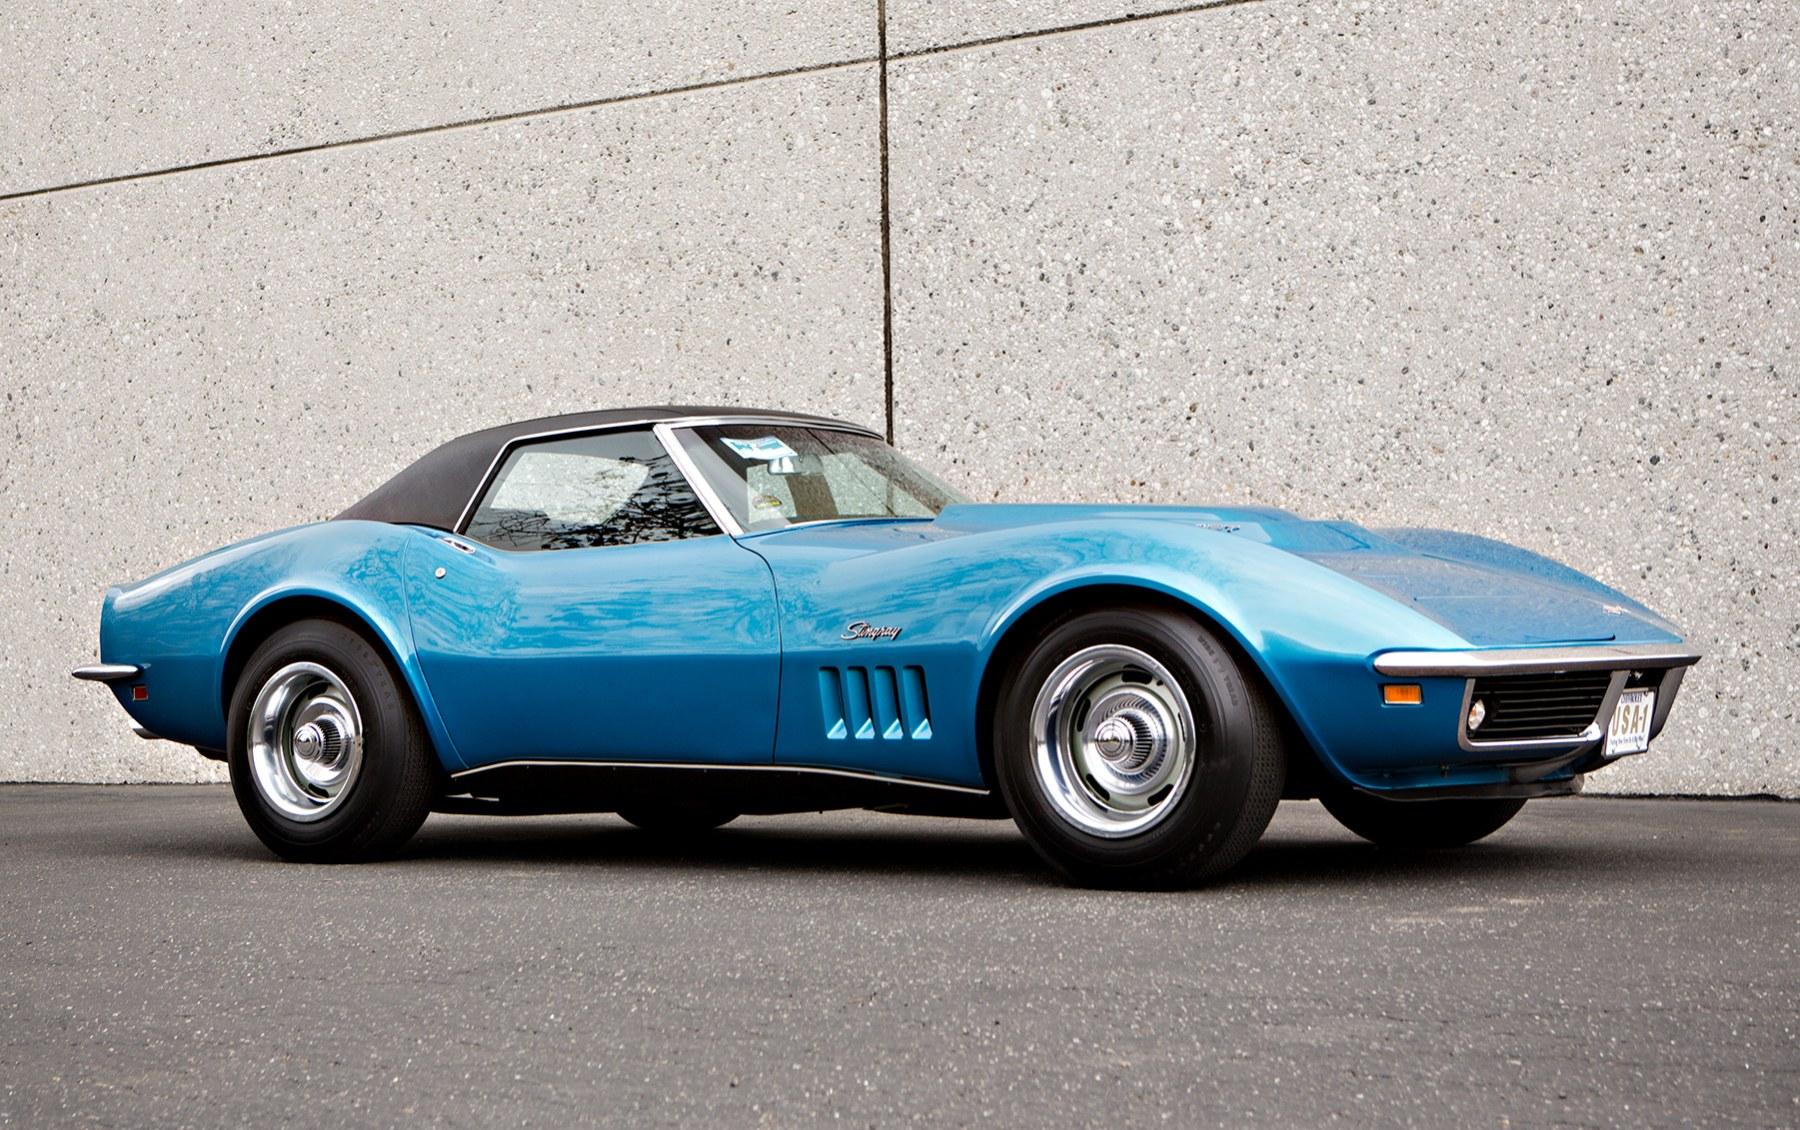 1969 Chevrolet Corvette L88 Roadster